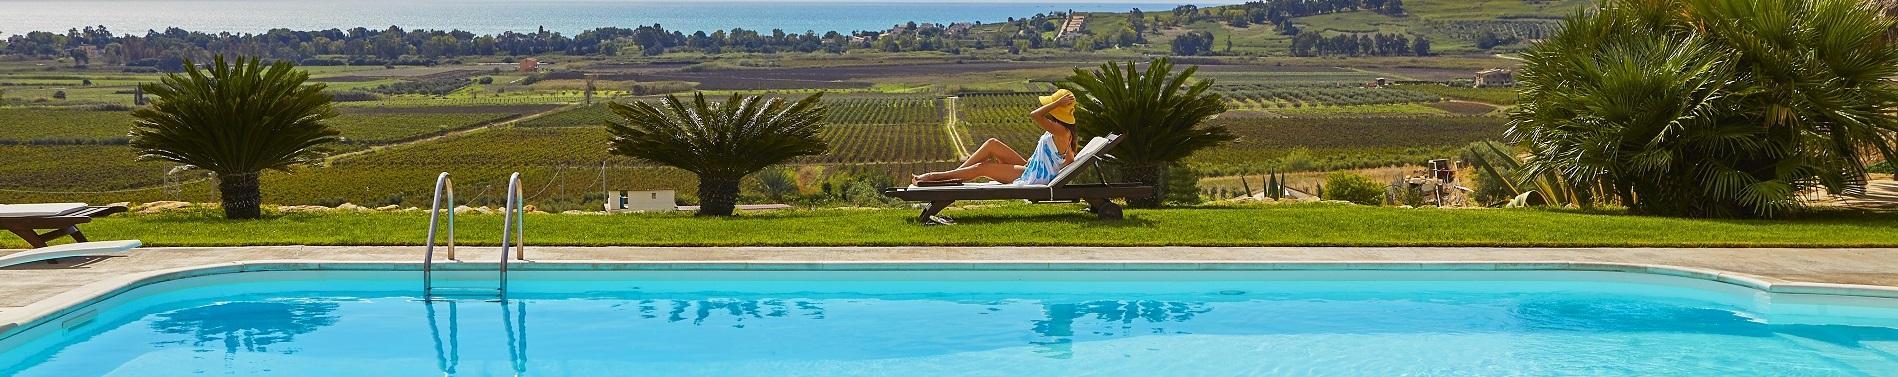 Ville in Sicilia con piscina